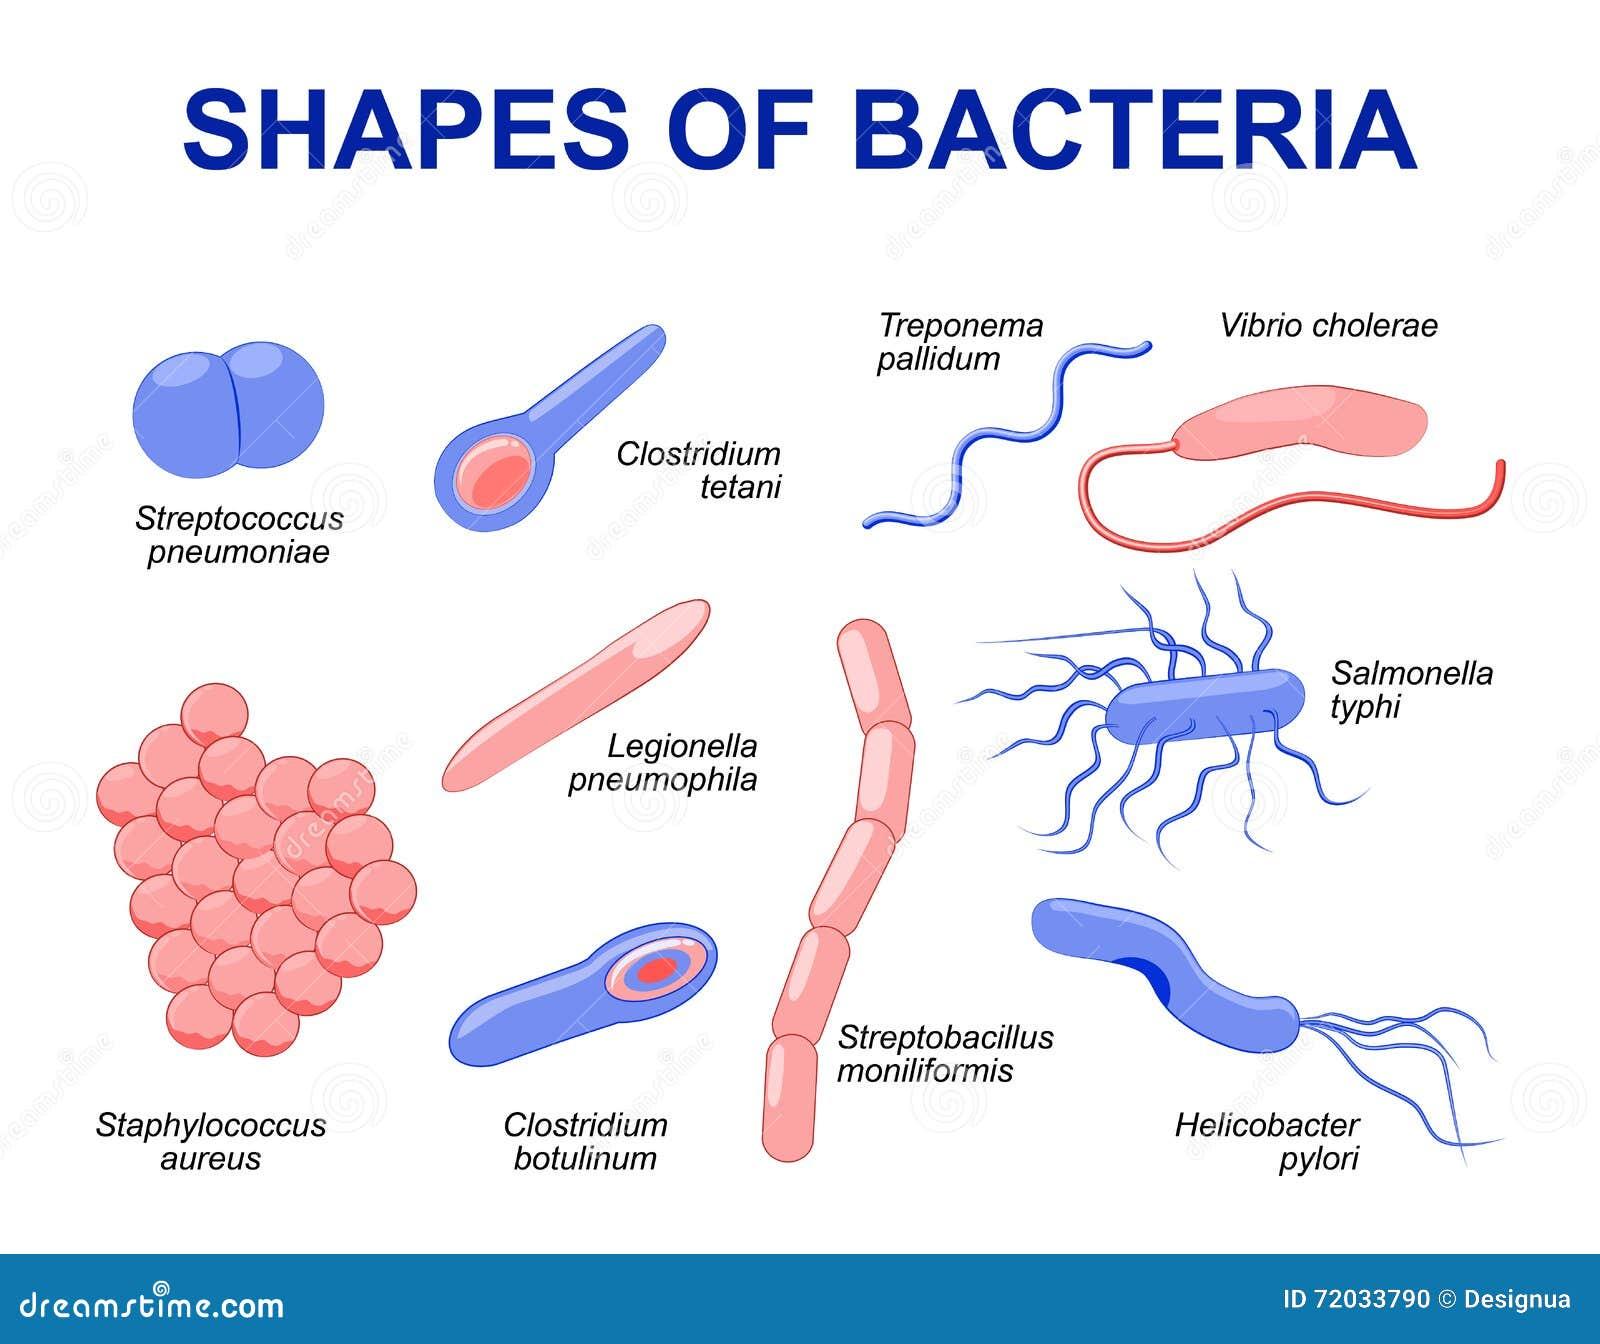 Batteri comuni che infettano essere umano